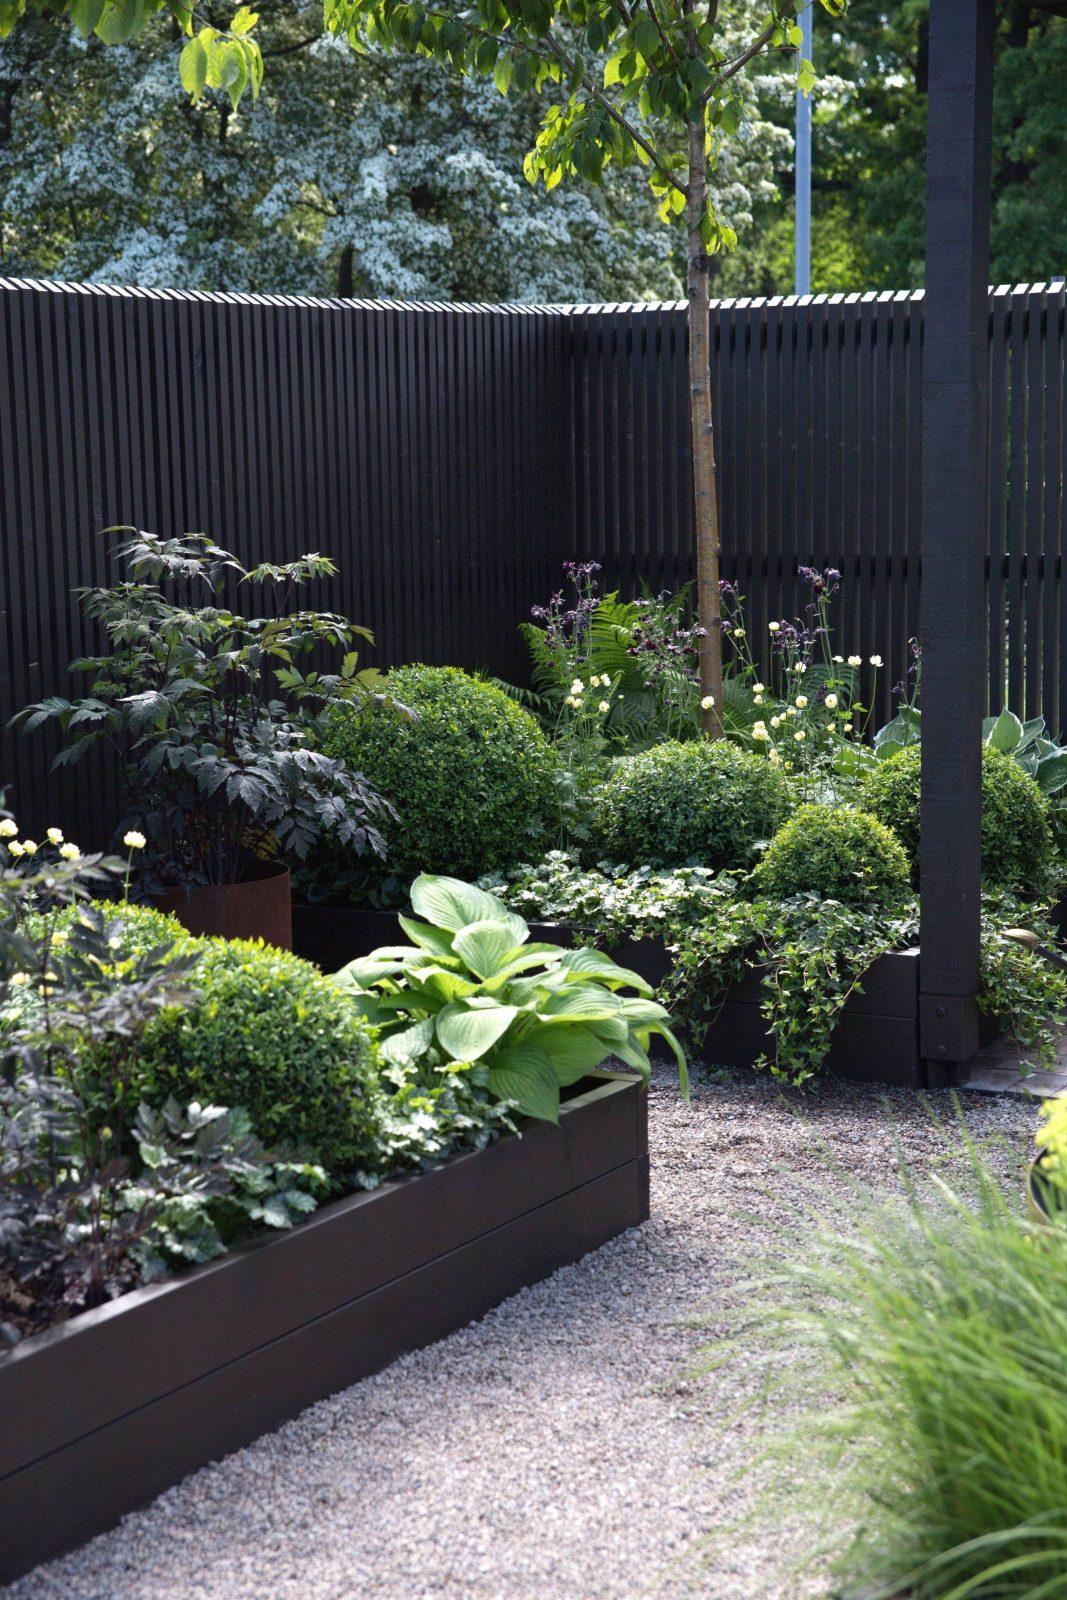 Kleiner Garten Ohne Rasen Genial Garten Gestalten Ohne Rasen Luxus von Kleine Gärten Gestalten Ohne Rasen Photo